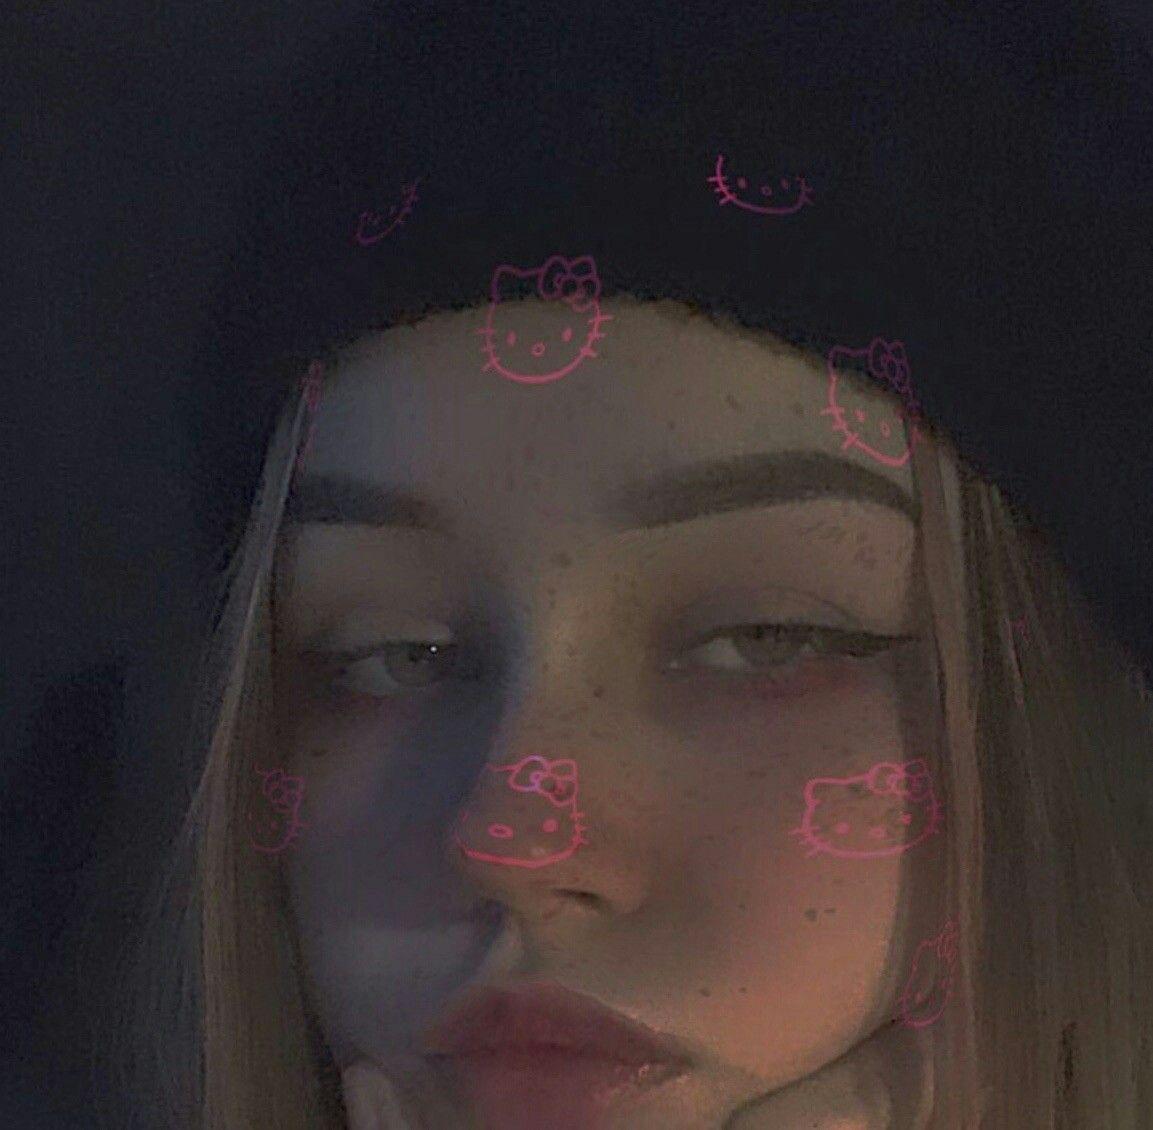 Sehvet In 2020 Grunge Girl Bad Girl Aesthetic Aesthetic Girl